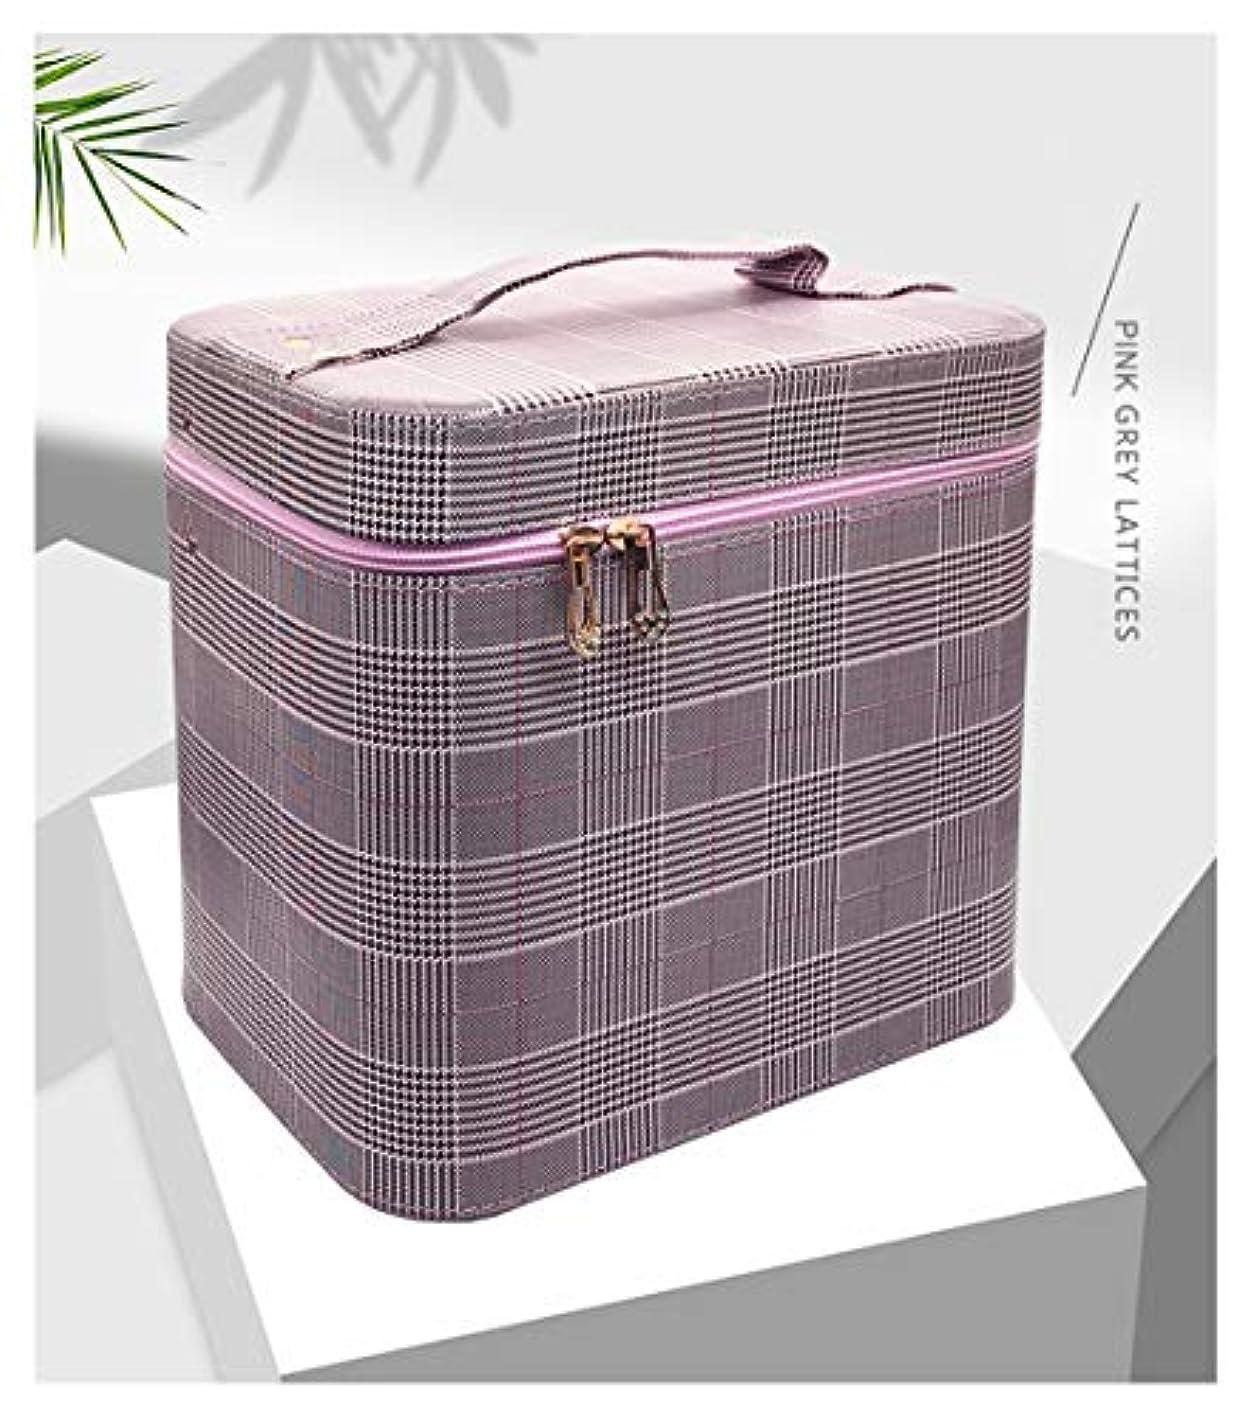 外向きスリチンモイ征服SZTulip コスメボックス メイクボックス 大容量メイクケース 化粧品収納ケース 小物入れ 鏡付き 化粧箱 (グレー+パープルチェック)